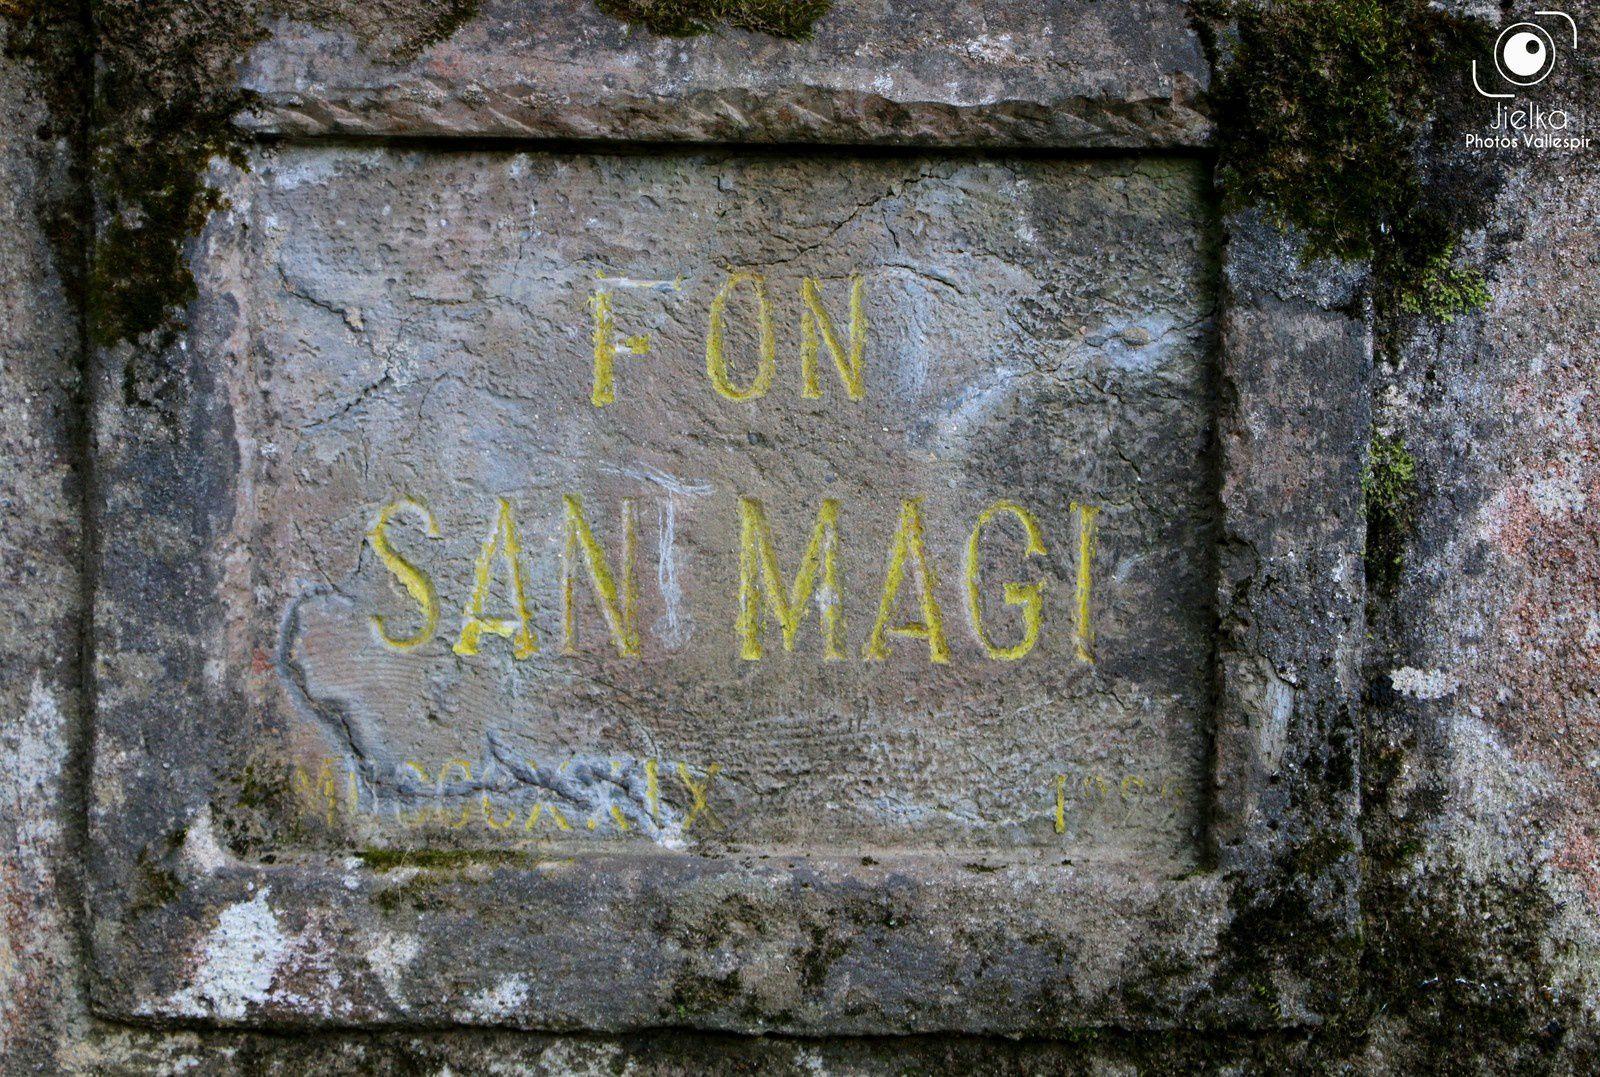 Sur la route qui monte au village on peut voir les restes d'un four à minerais de fer du début du 20ème siècle et d'autres curiosités plus ou moins intéressantes.